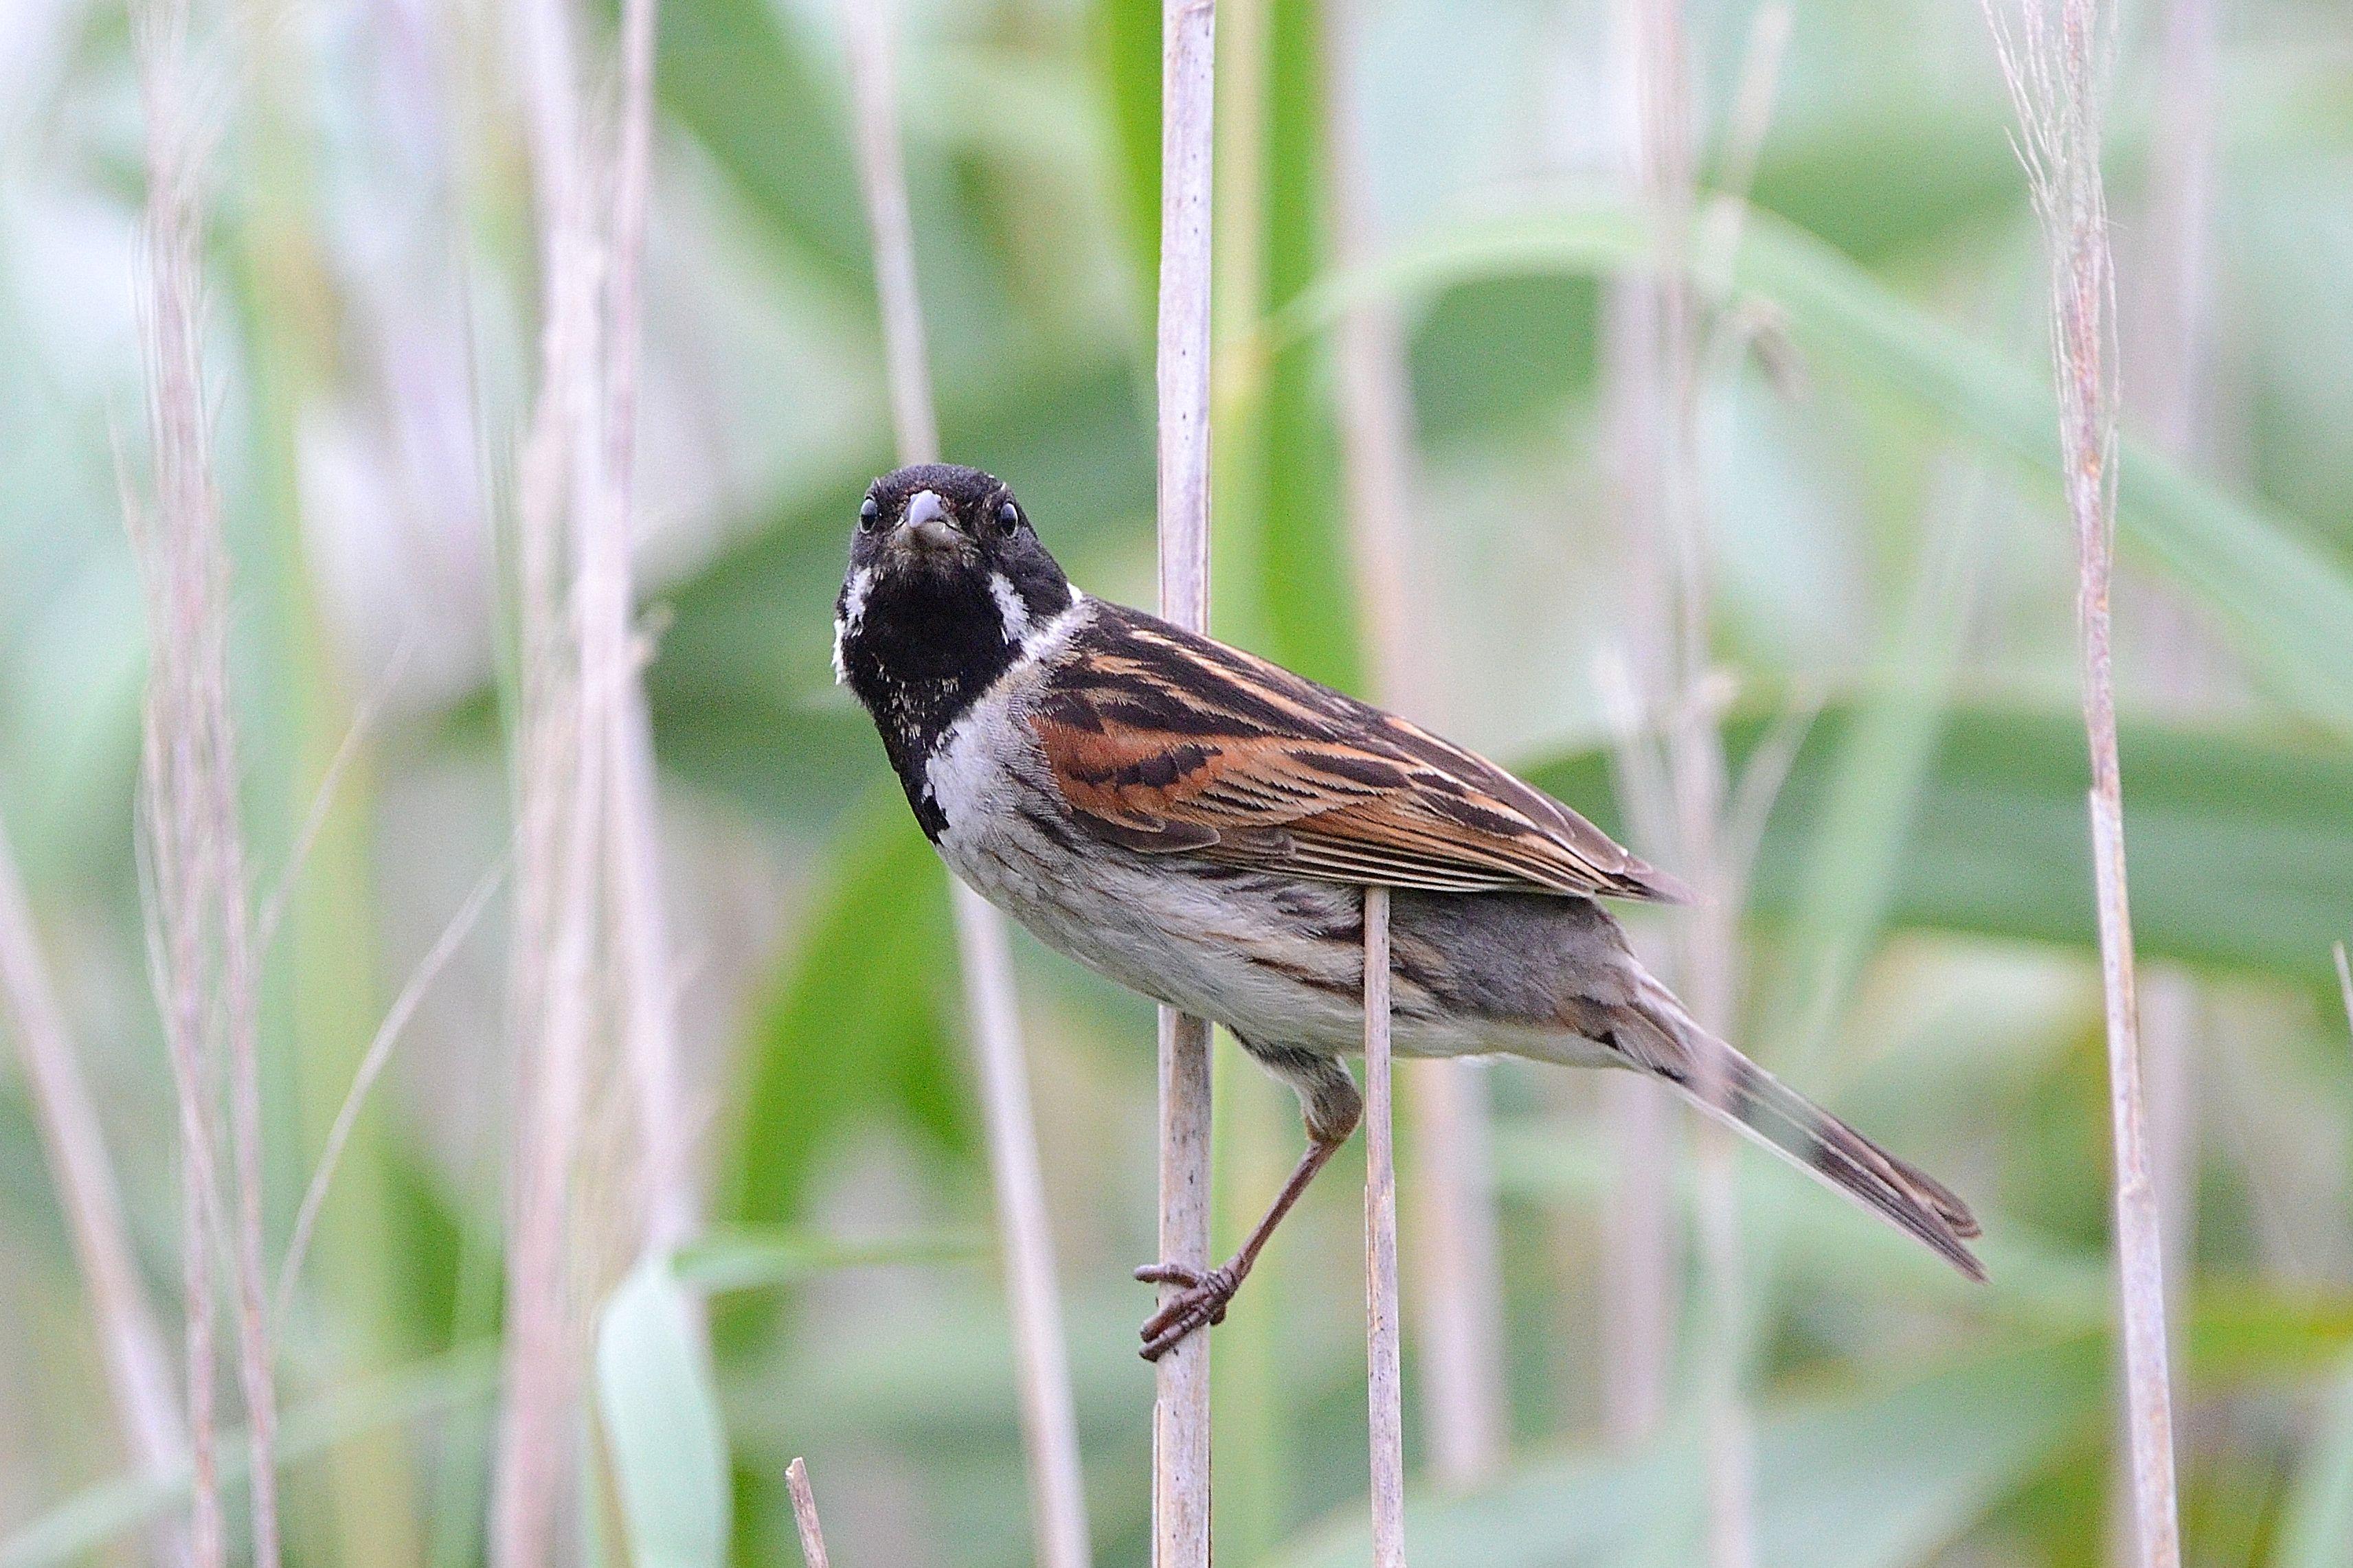 Emberiza schoeniclus. Escribenta das canaveiras. Ornitoloxia.